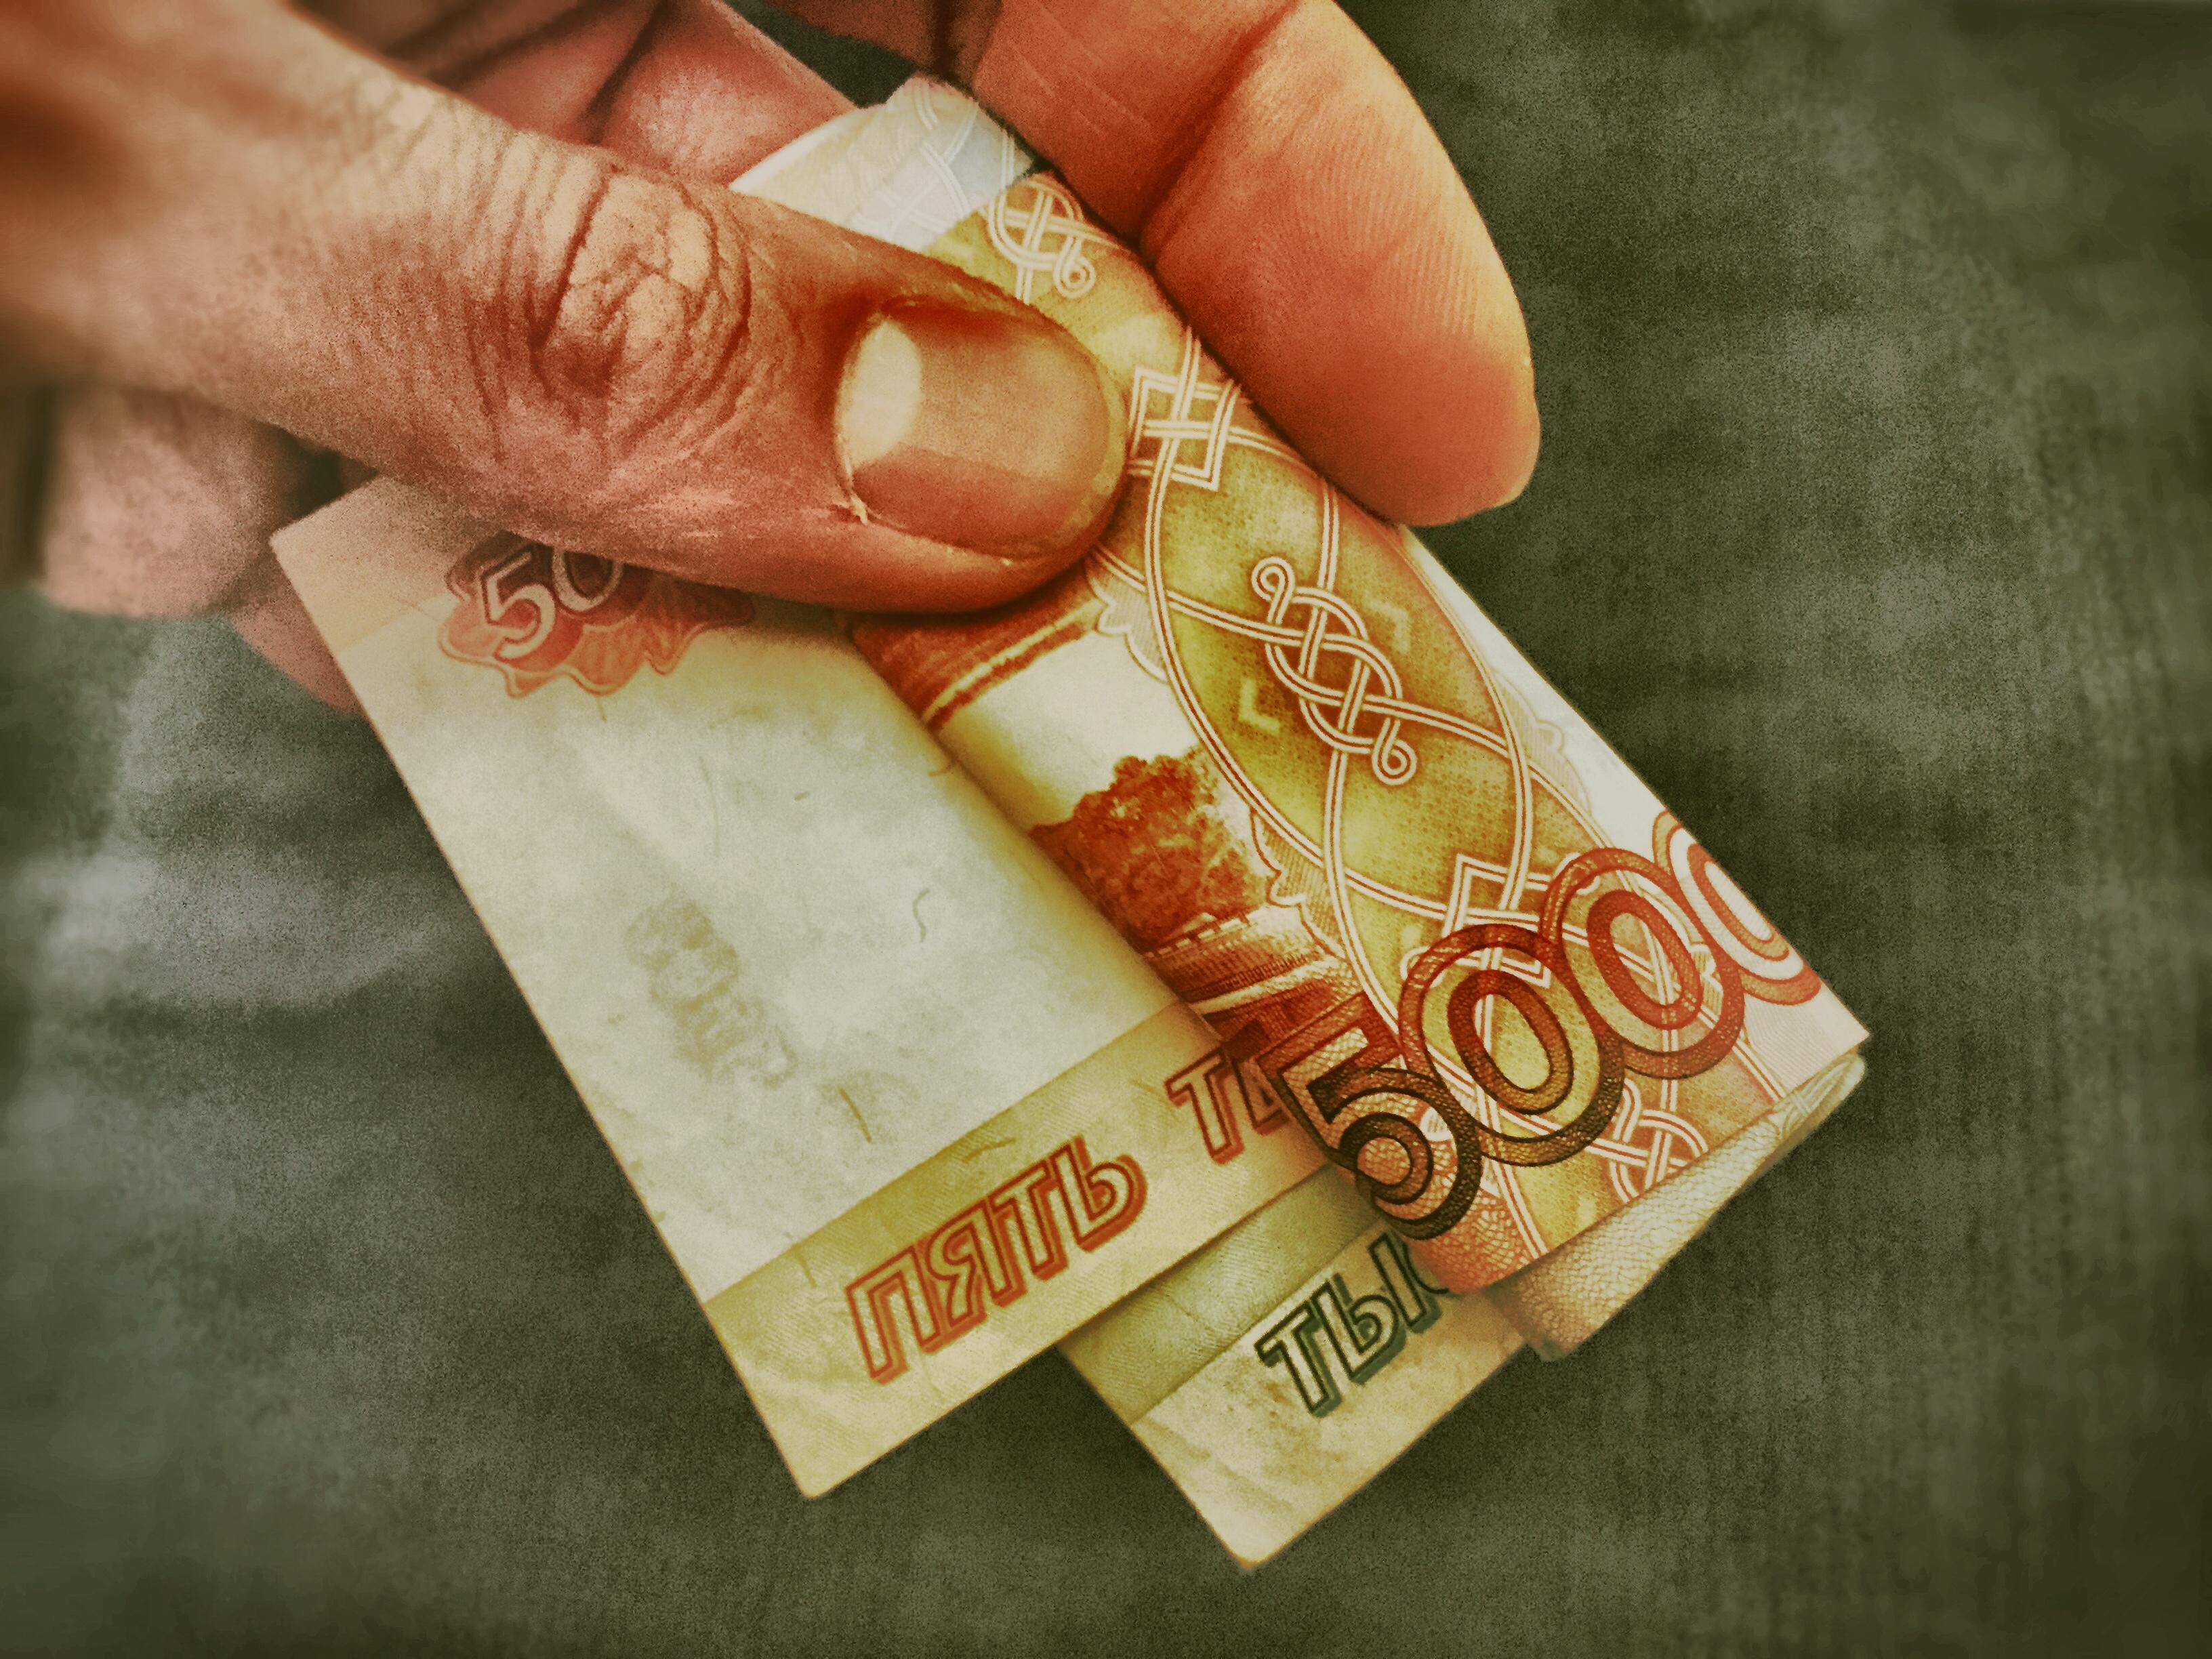 kscheib schmiergeld russland